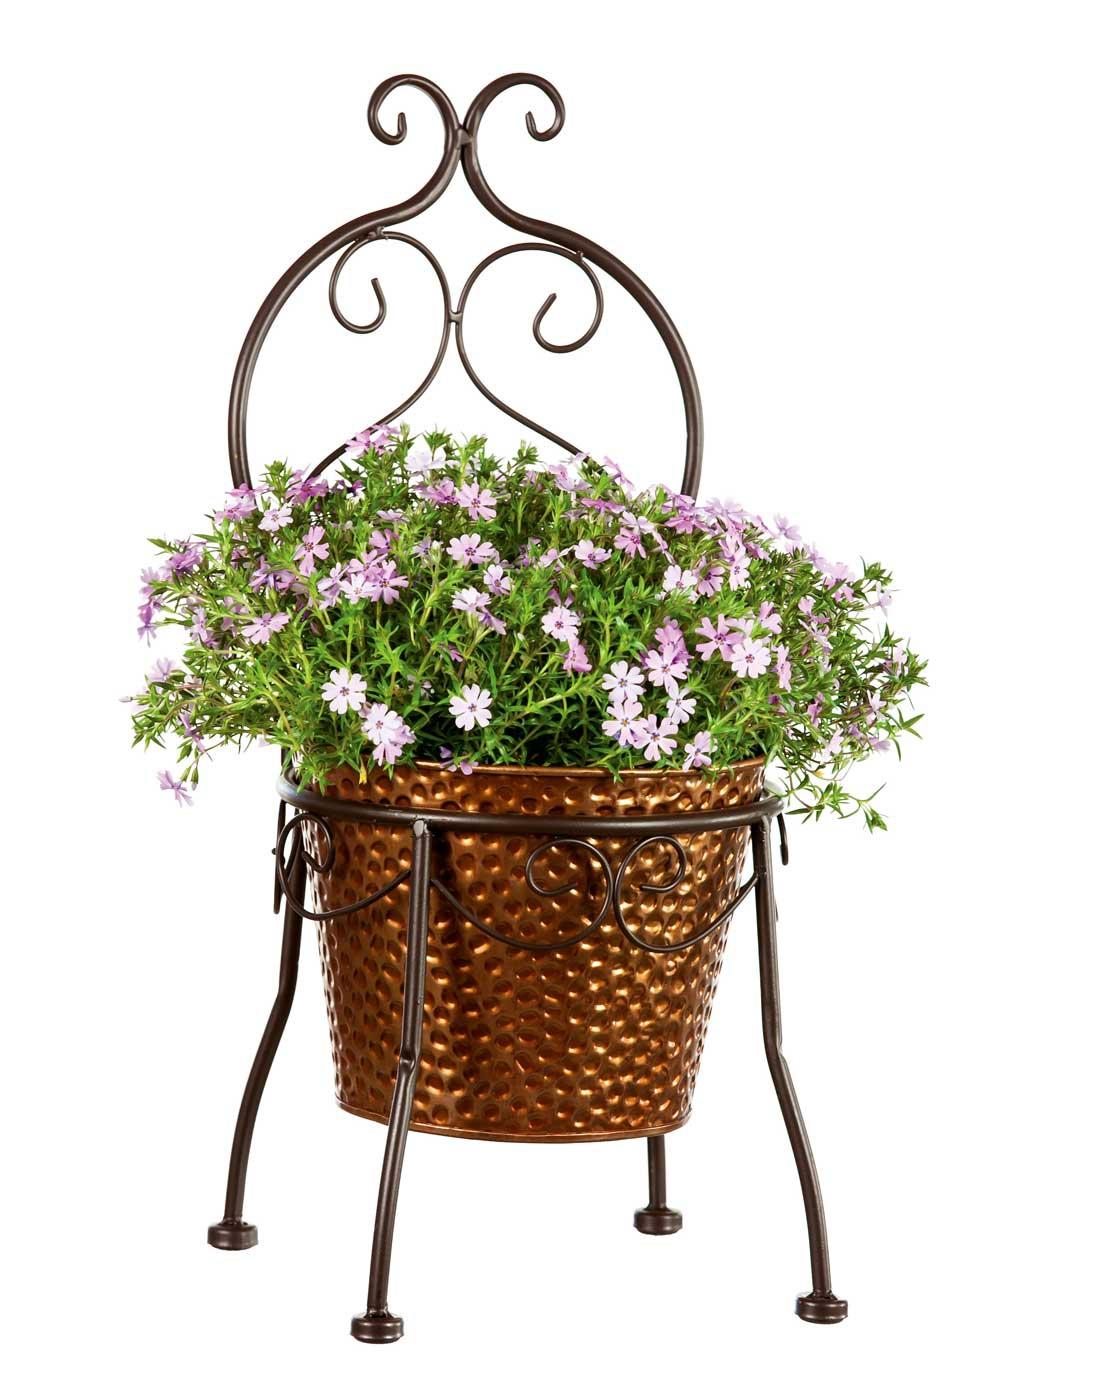 > 铁艺复古宫廷椅装饰花盆架(不含植物)